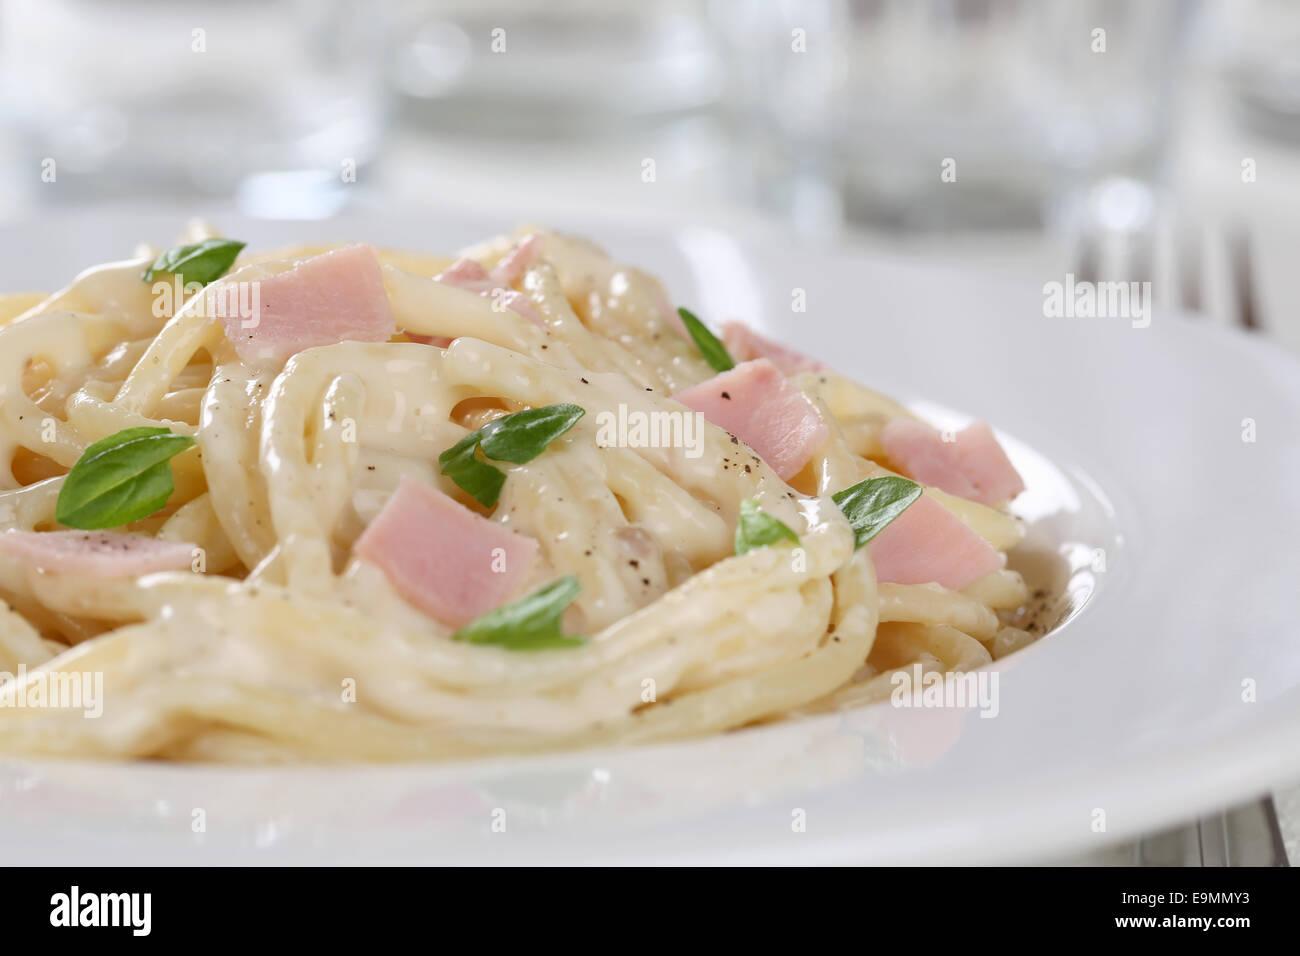 Repas de pâtes nouilles Spaghetti Carbonara au jambon sur une assiette Banque D'Images